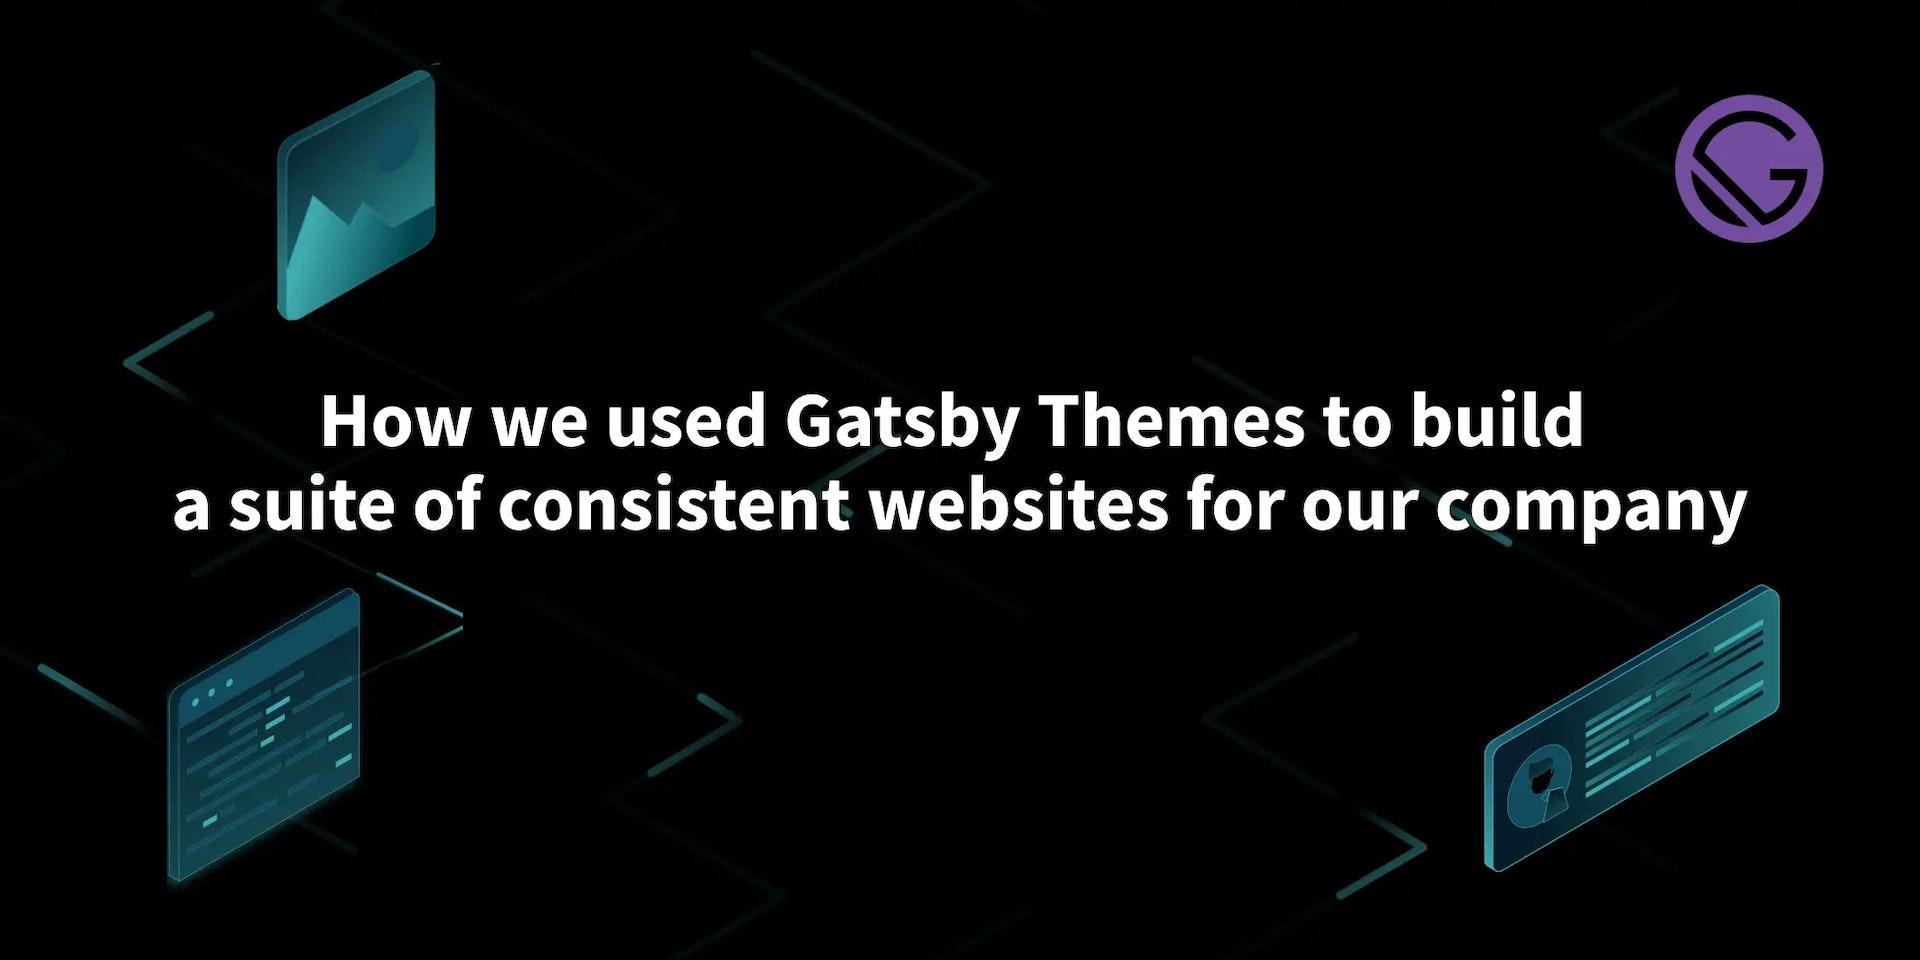 Consistency via Gatsby's Themes